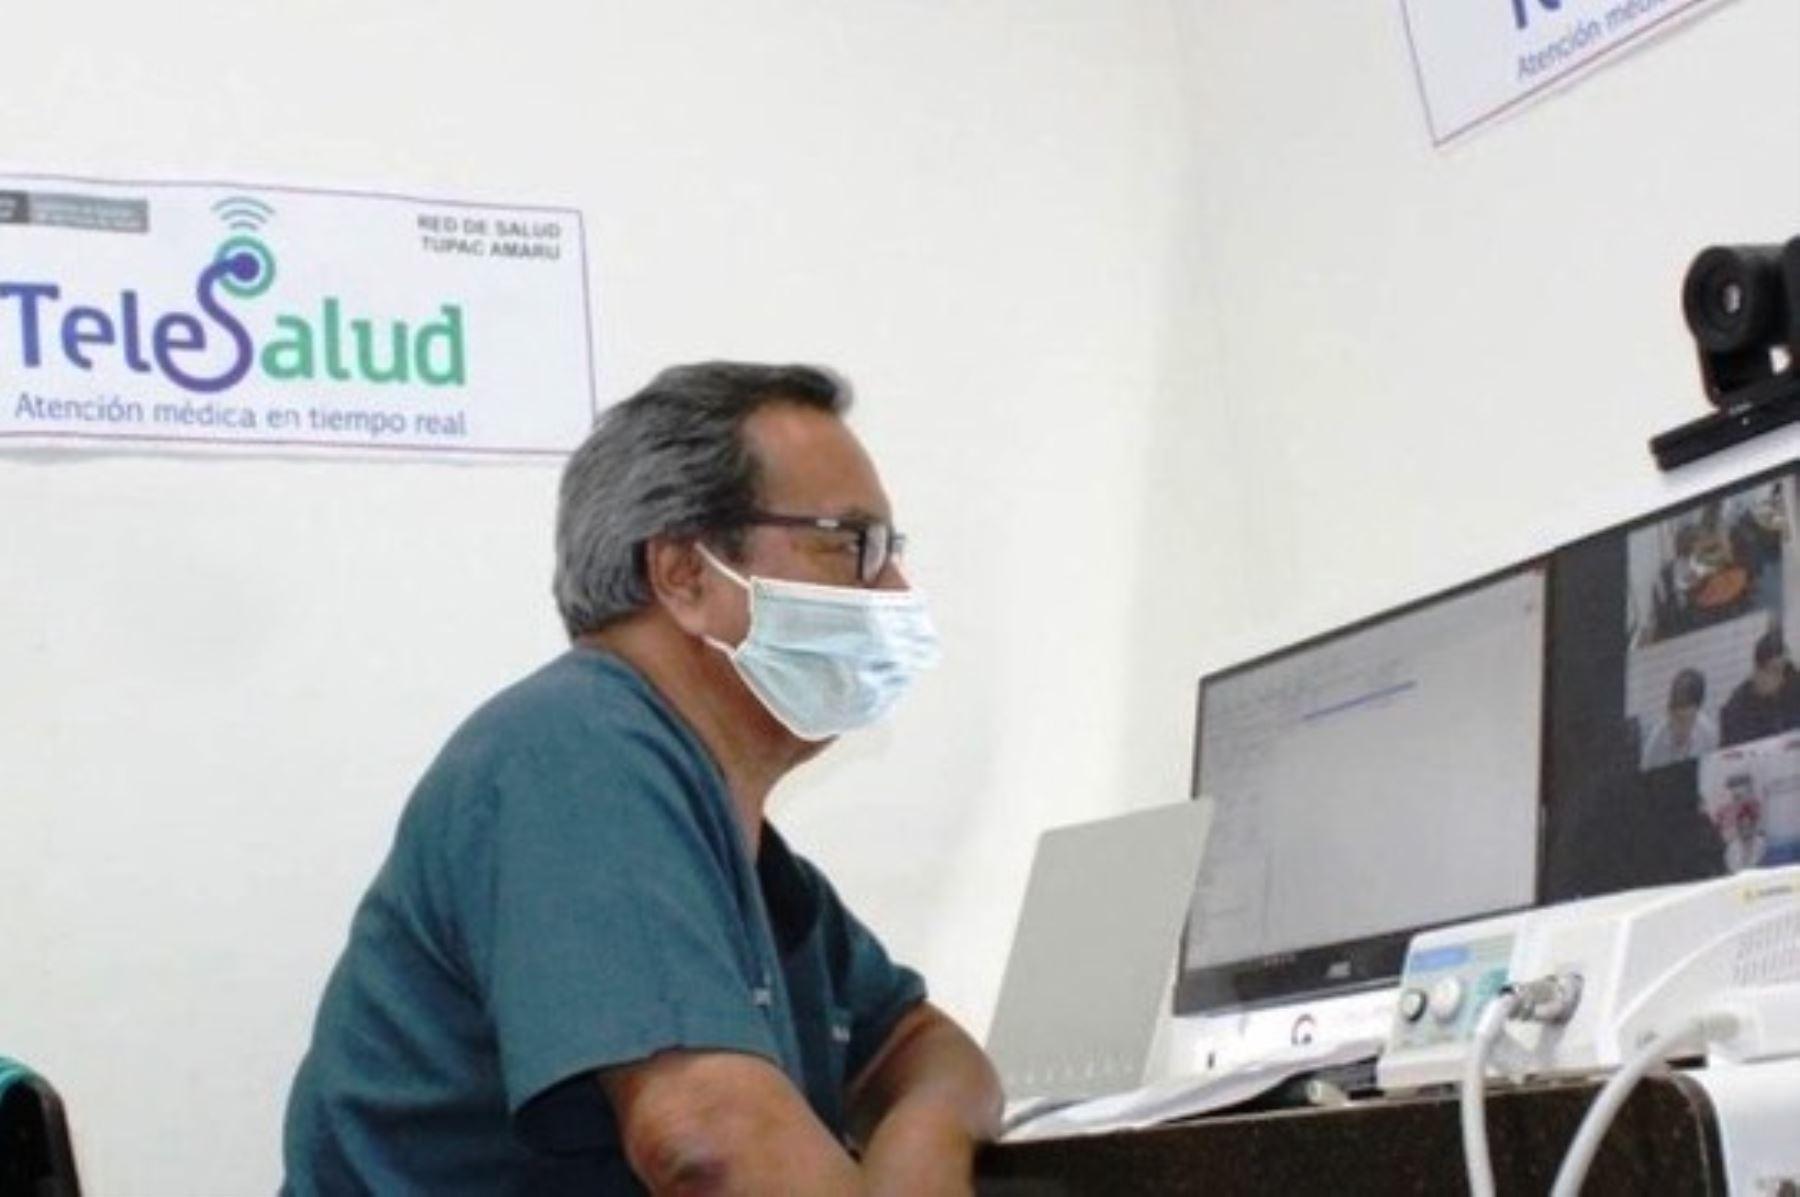 Todos los establecimientos de salud deberán implementar servicios de telesalud. Foto: ANDINA/Difusión.